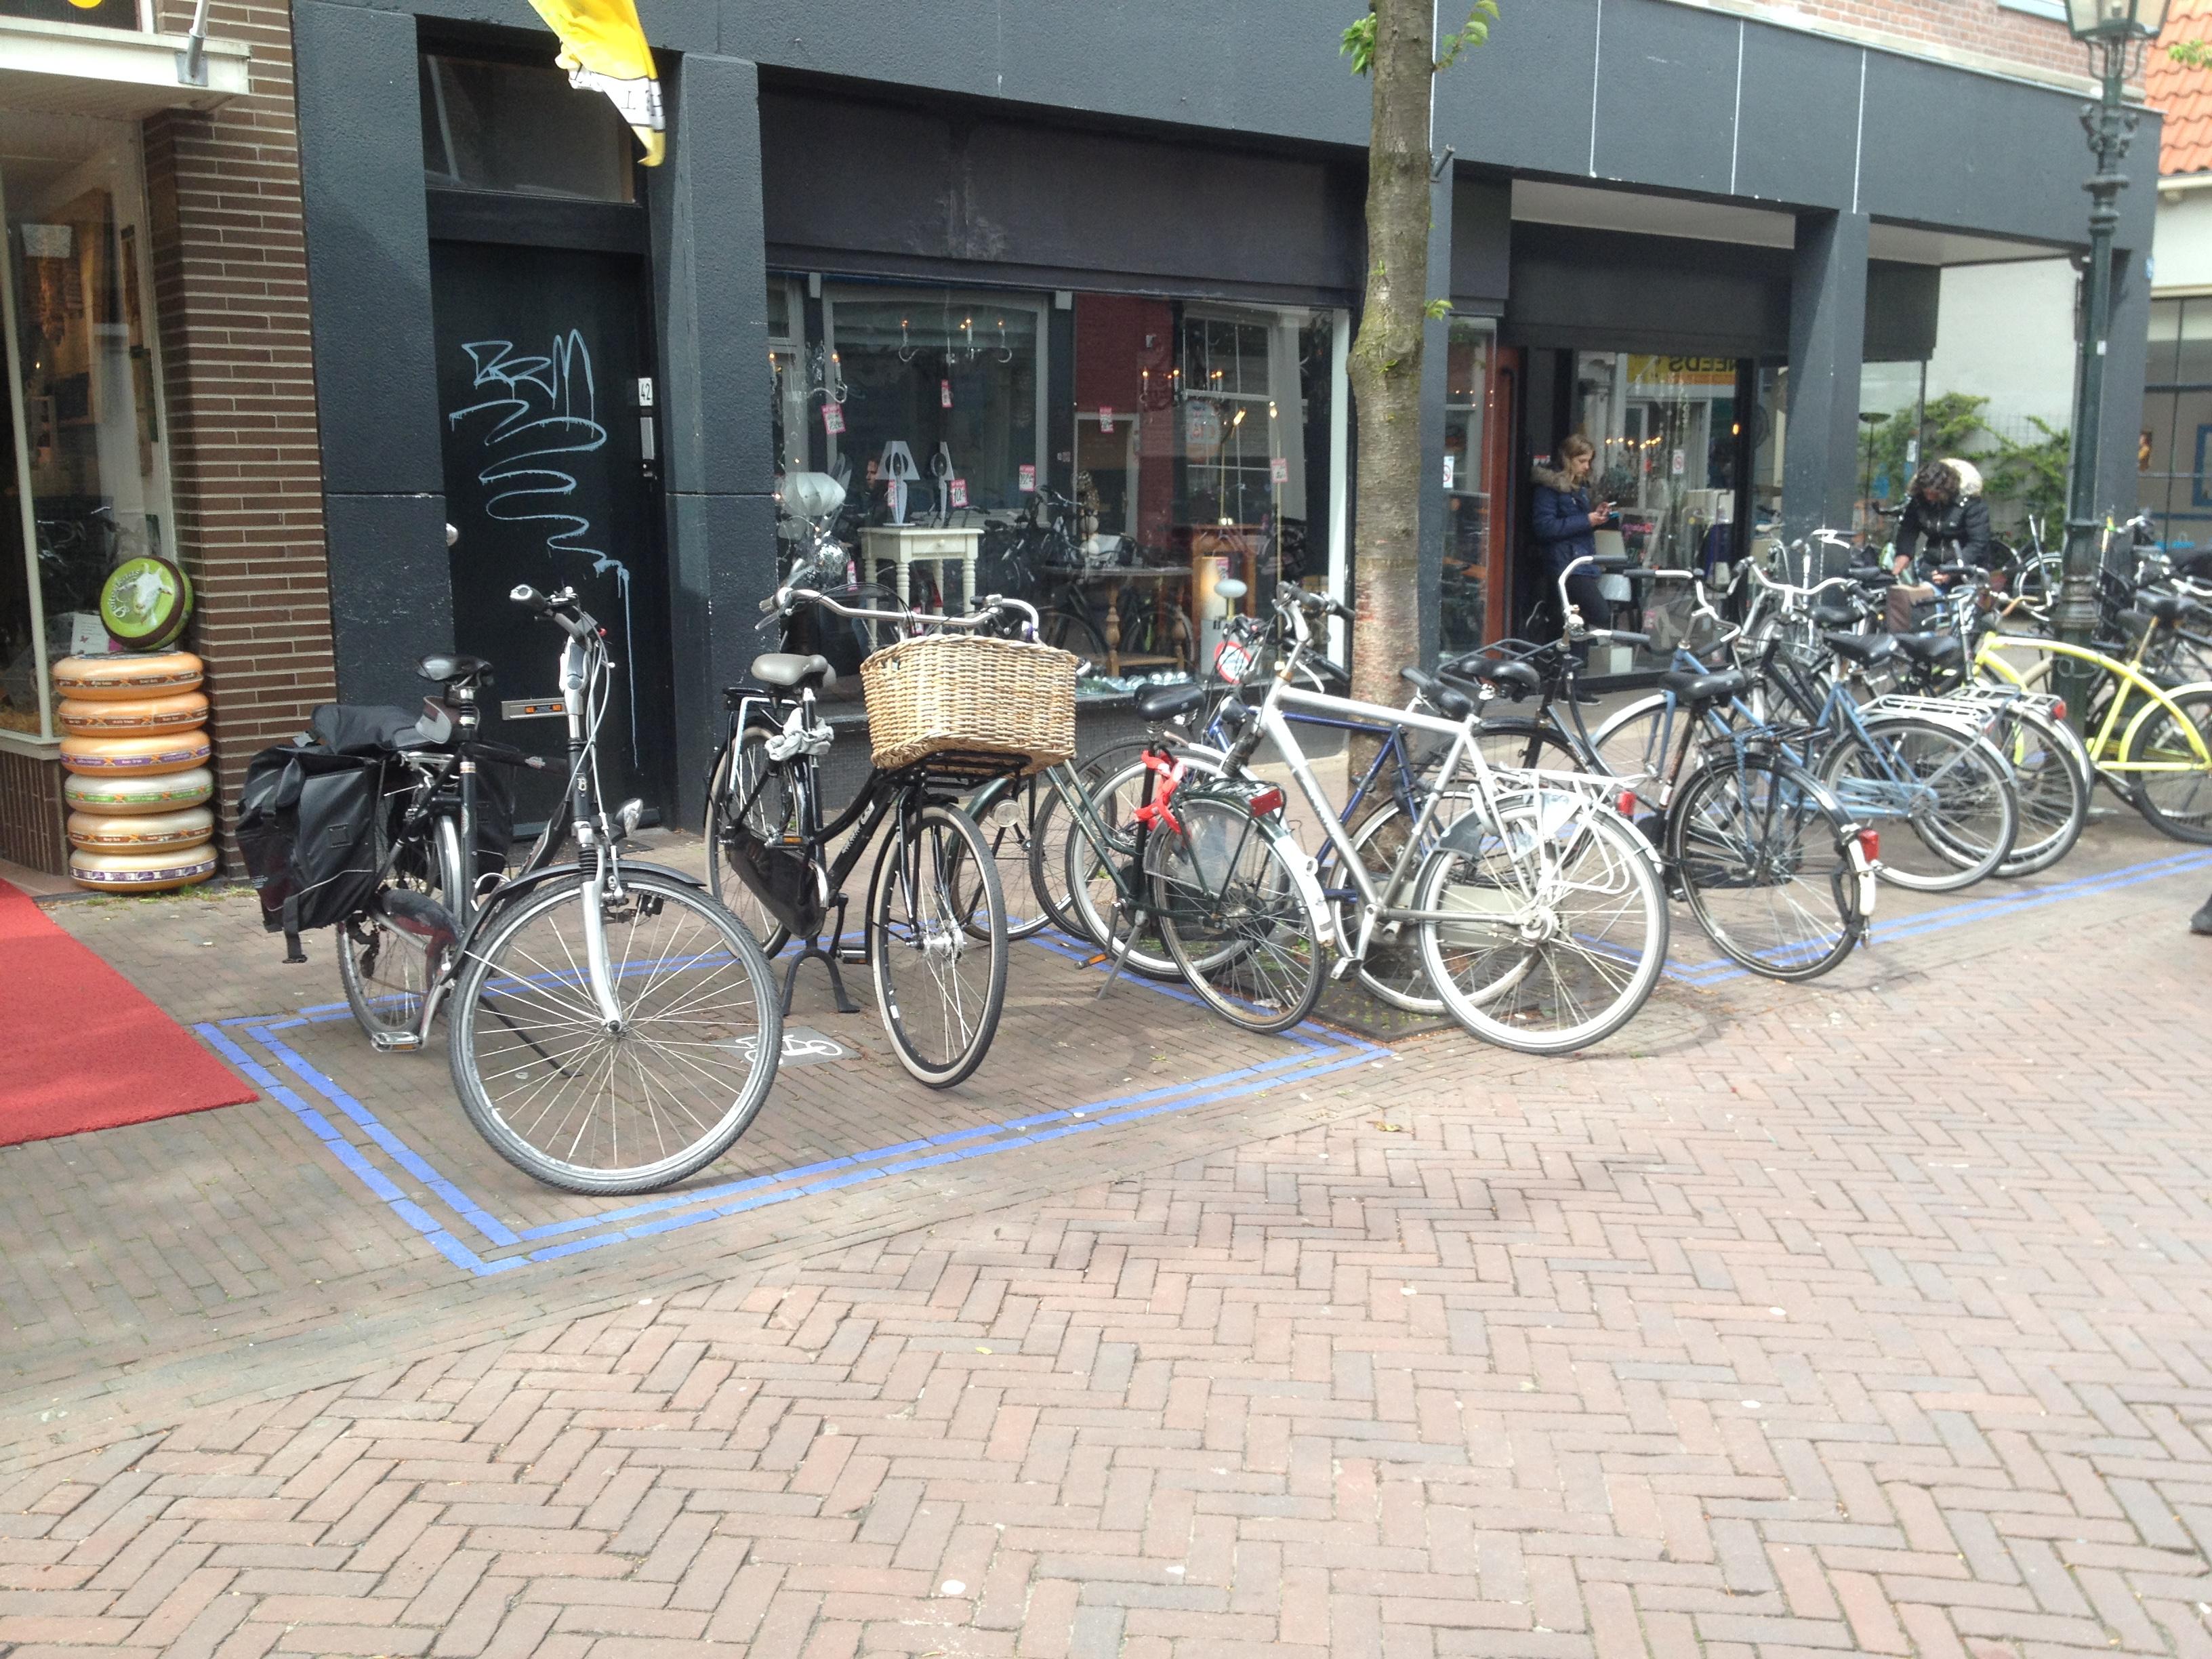 Fietsparkeervakken in de openbare ruimte vanDelft